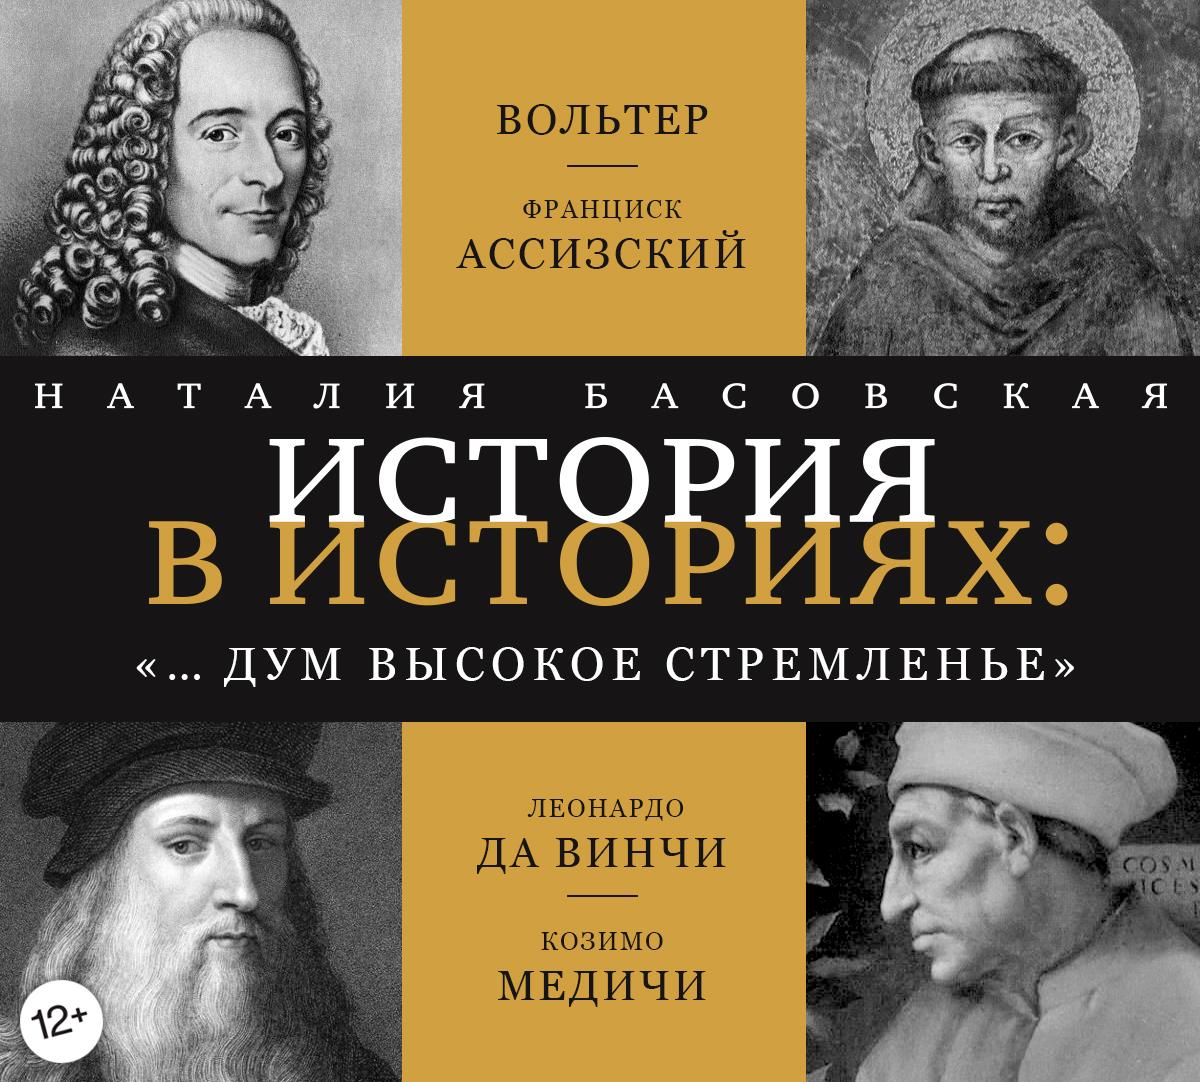 Наталия Басовская «… и дум высокое стремленье» наталия басовская безумцы на королевских престолах